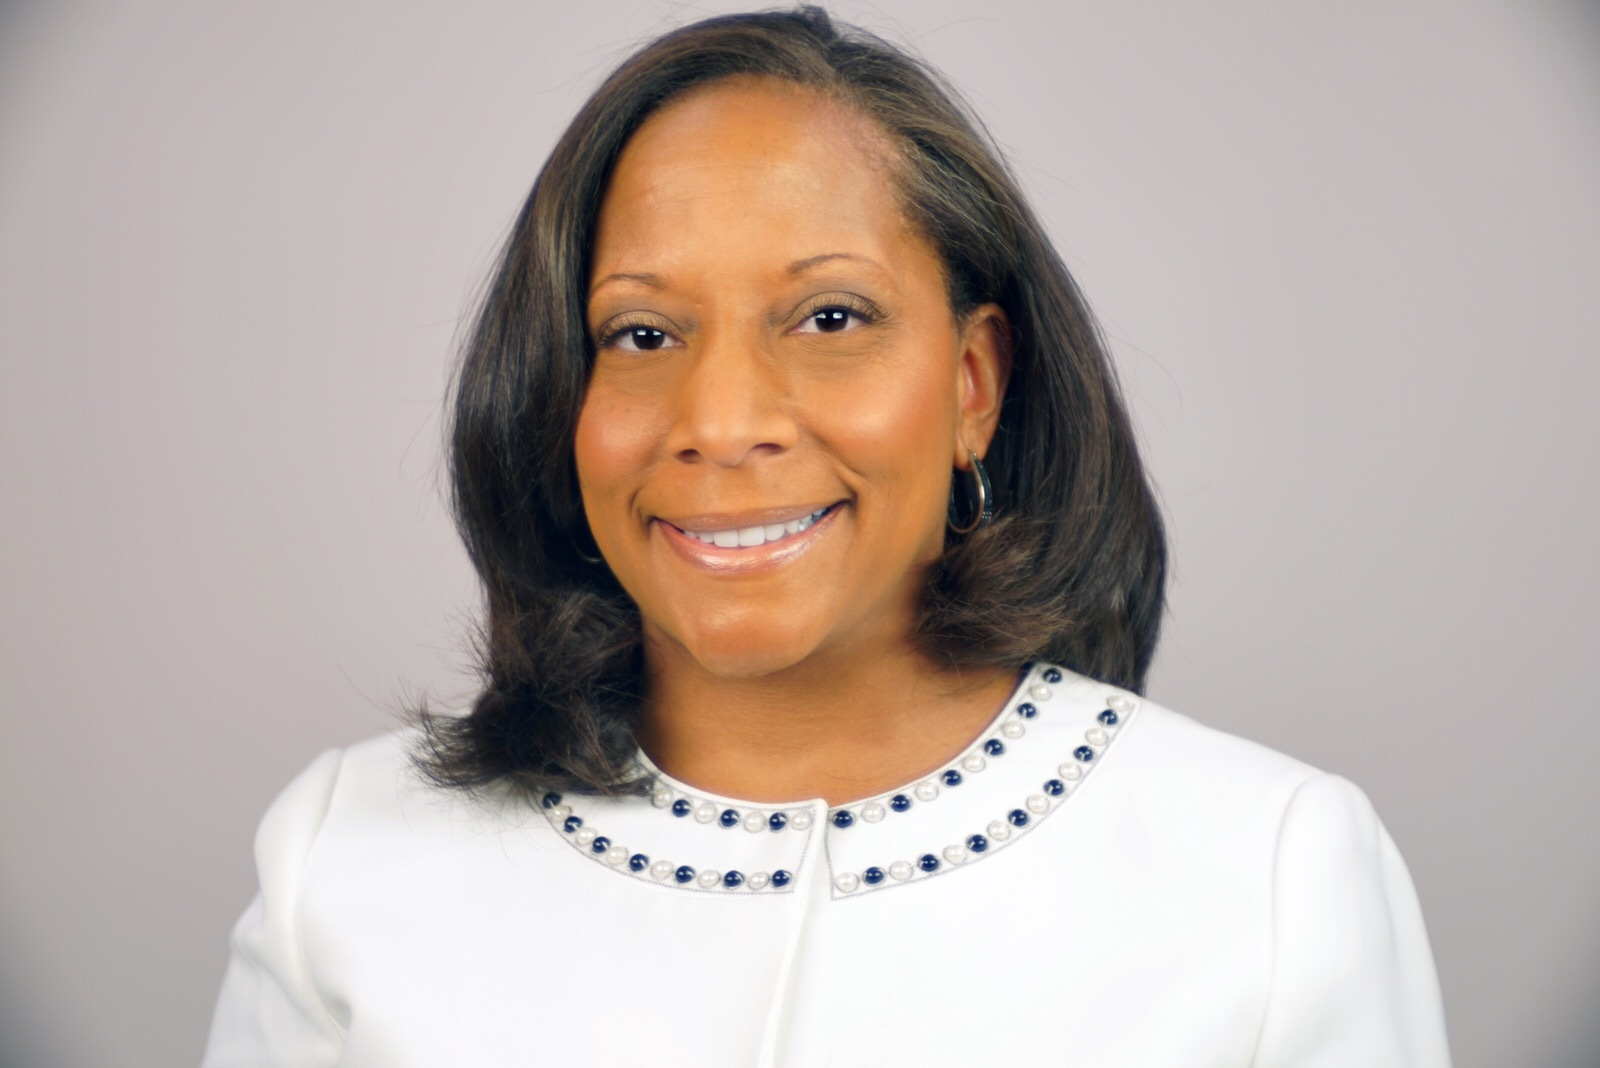 Portrait of Maraskeshia Smith